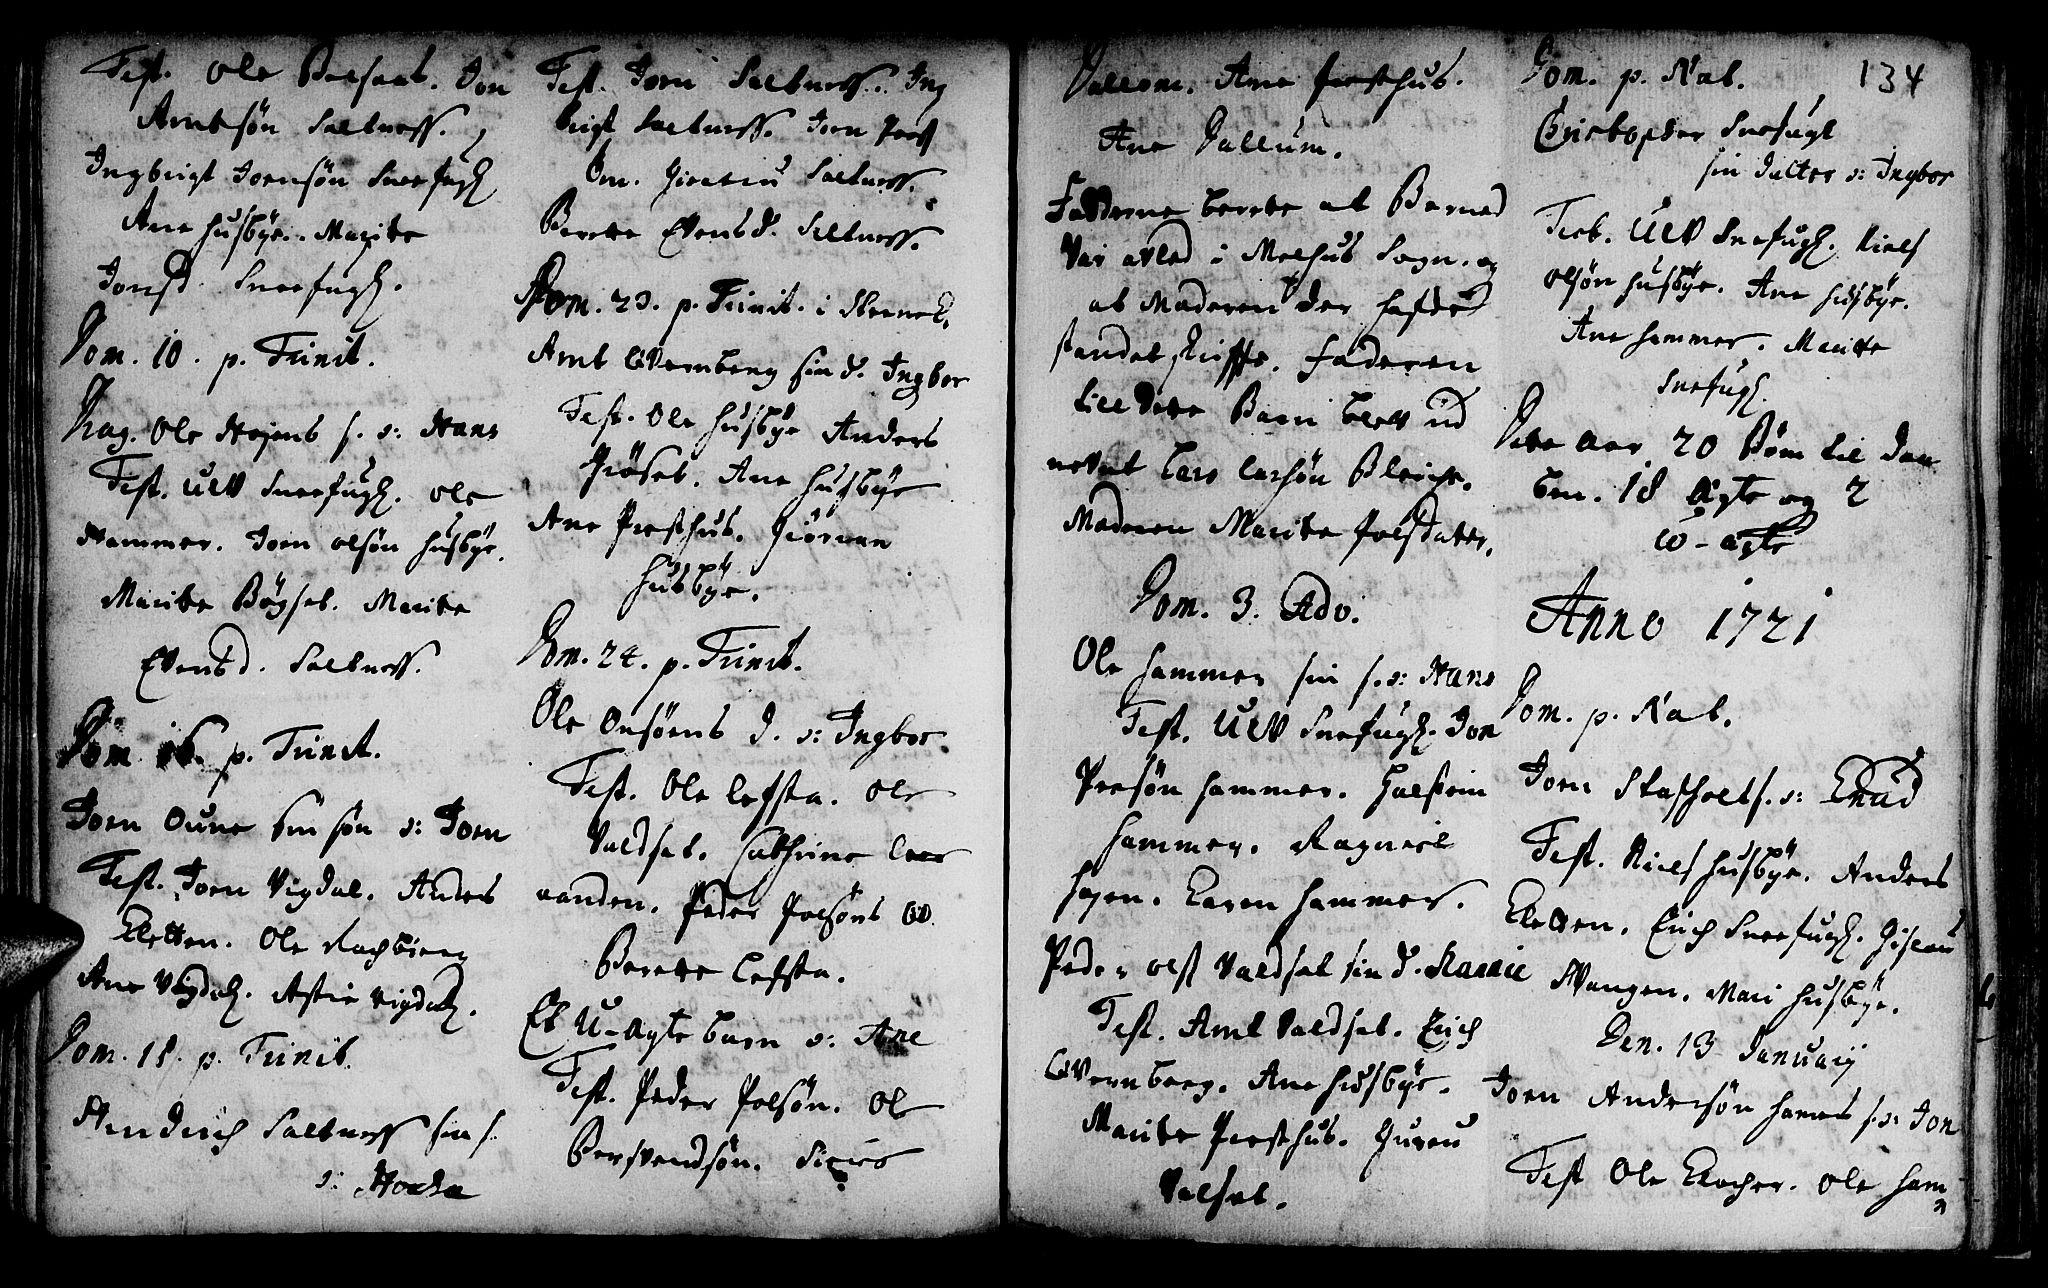 SAT, Ministerialprotokoller, klokkerbøker og fødselsregistre - Sør-Trøndelag, 666/L0783: Ministerialbok nr. 666A01, 1702-1753, s. 134